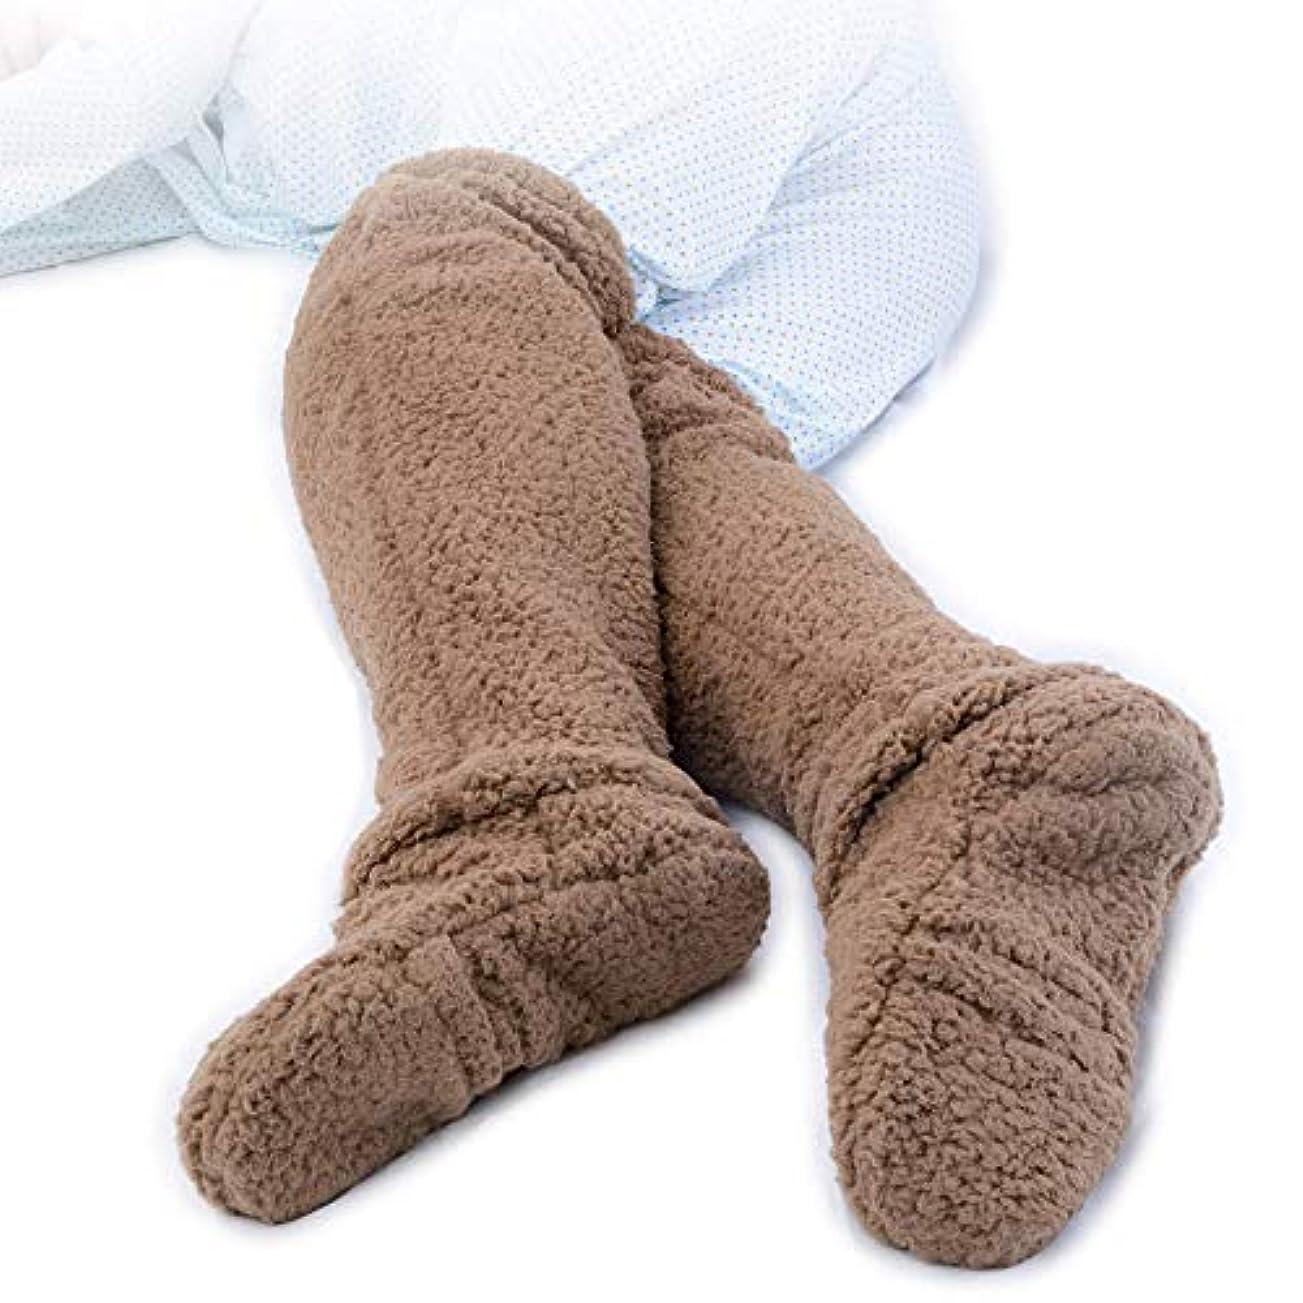 ピンチマッシュ突破口ヒートソックス,Enteriza 極暖 防寒 足が出せるロングカバー あったかグッズ ルームシューズ 男女兼用 2重フリース生地 室内履き 軽量 洗える